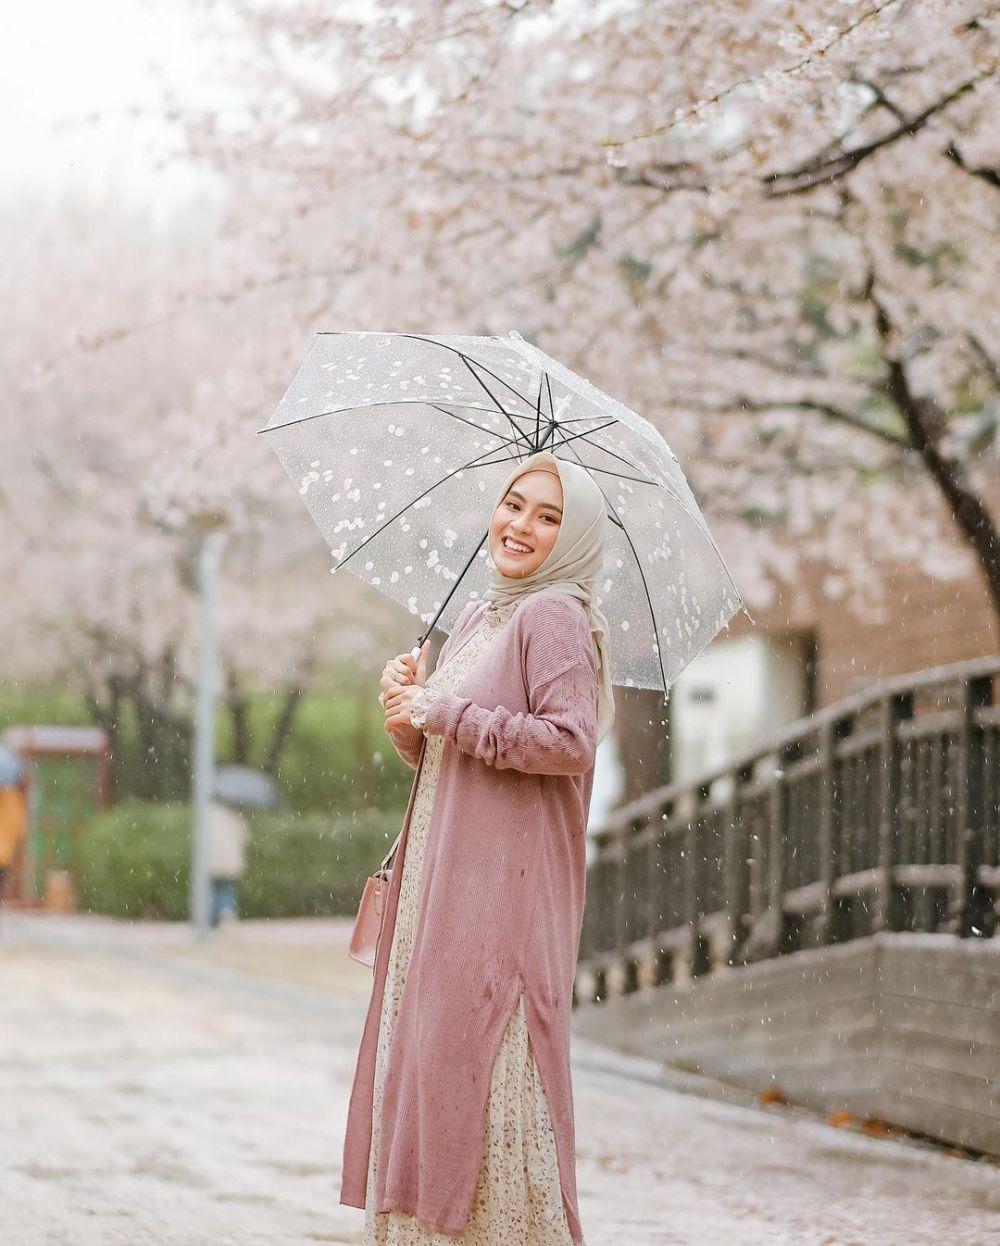 10 Potret Manis Bianca Kartika di Bawah Pohon Sakura, Memesona!